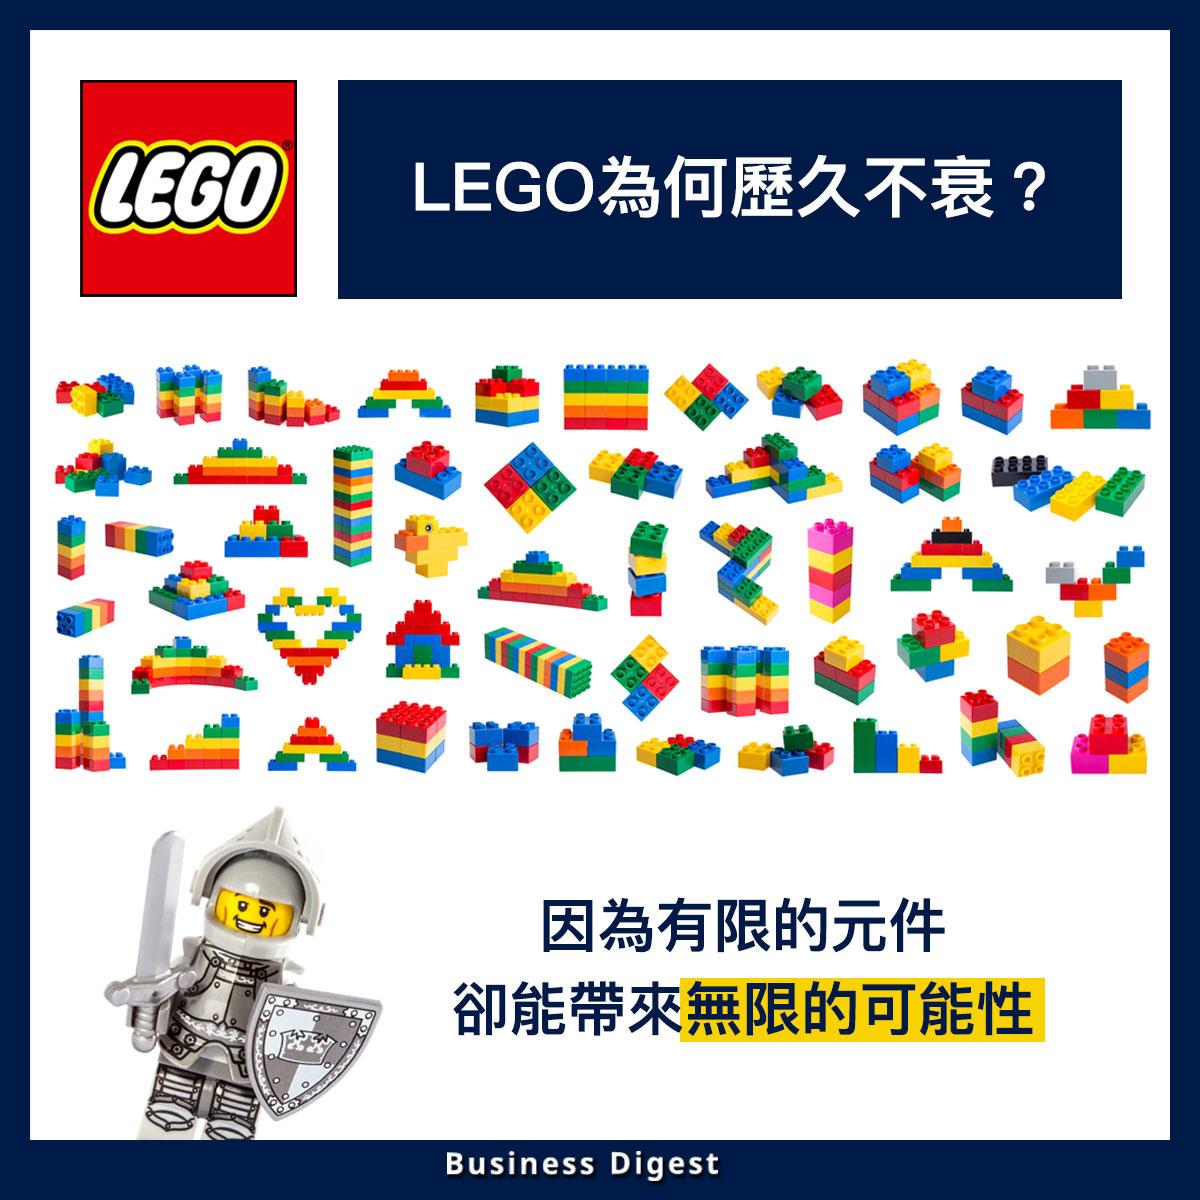 【生活中的品牌故事】LEGO為何歷久不衰? 因為有限的元件卻能帶來無限的可能性